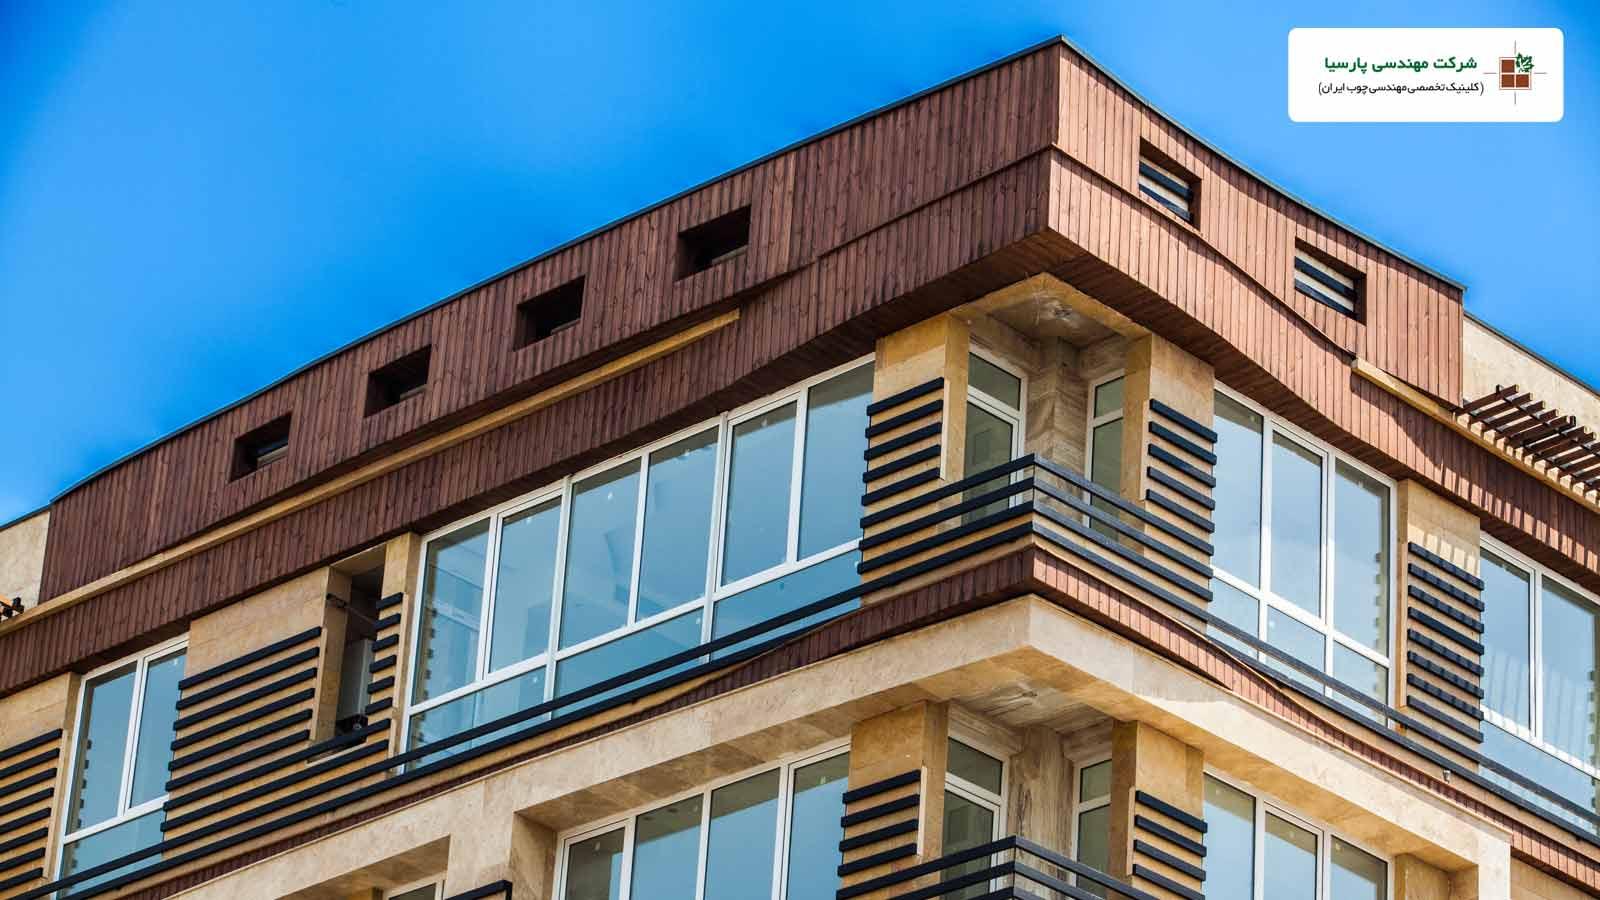 نمای چوبی ساختمان ترمووود